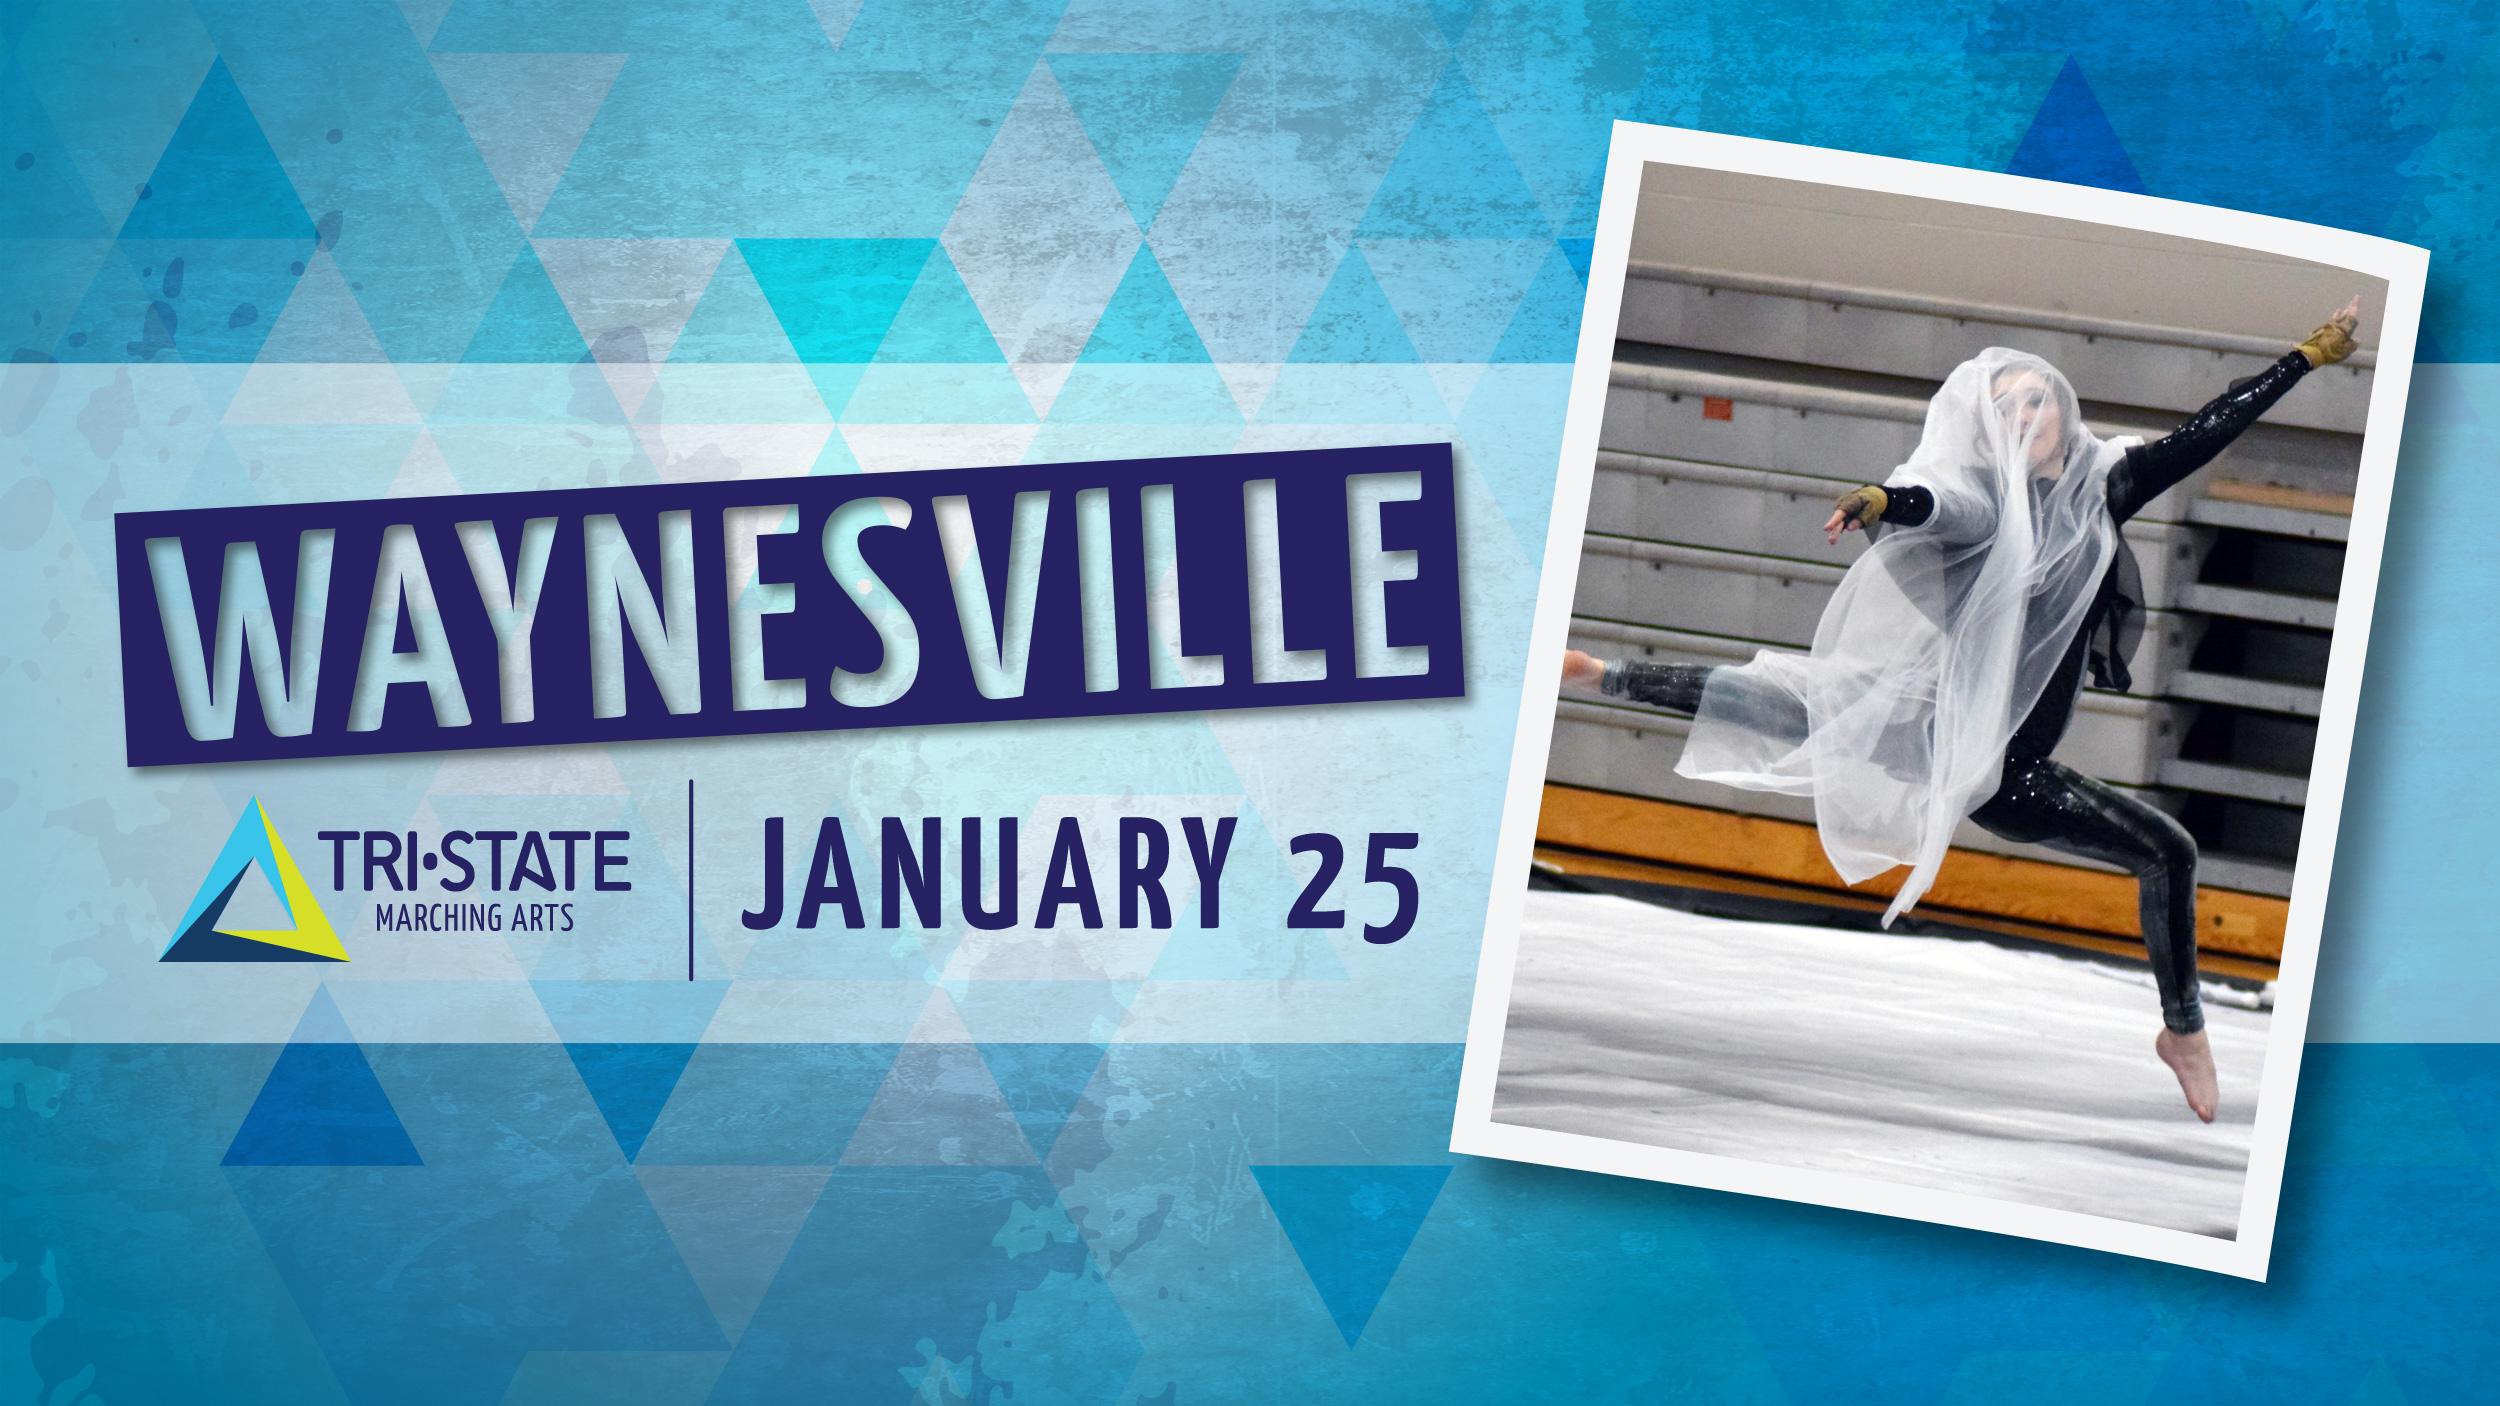 Waynesville 2020